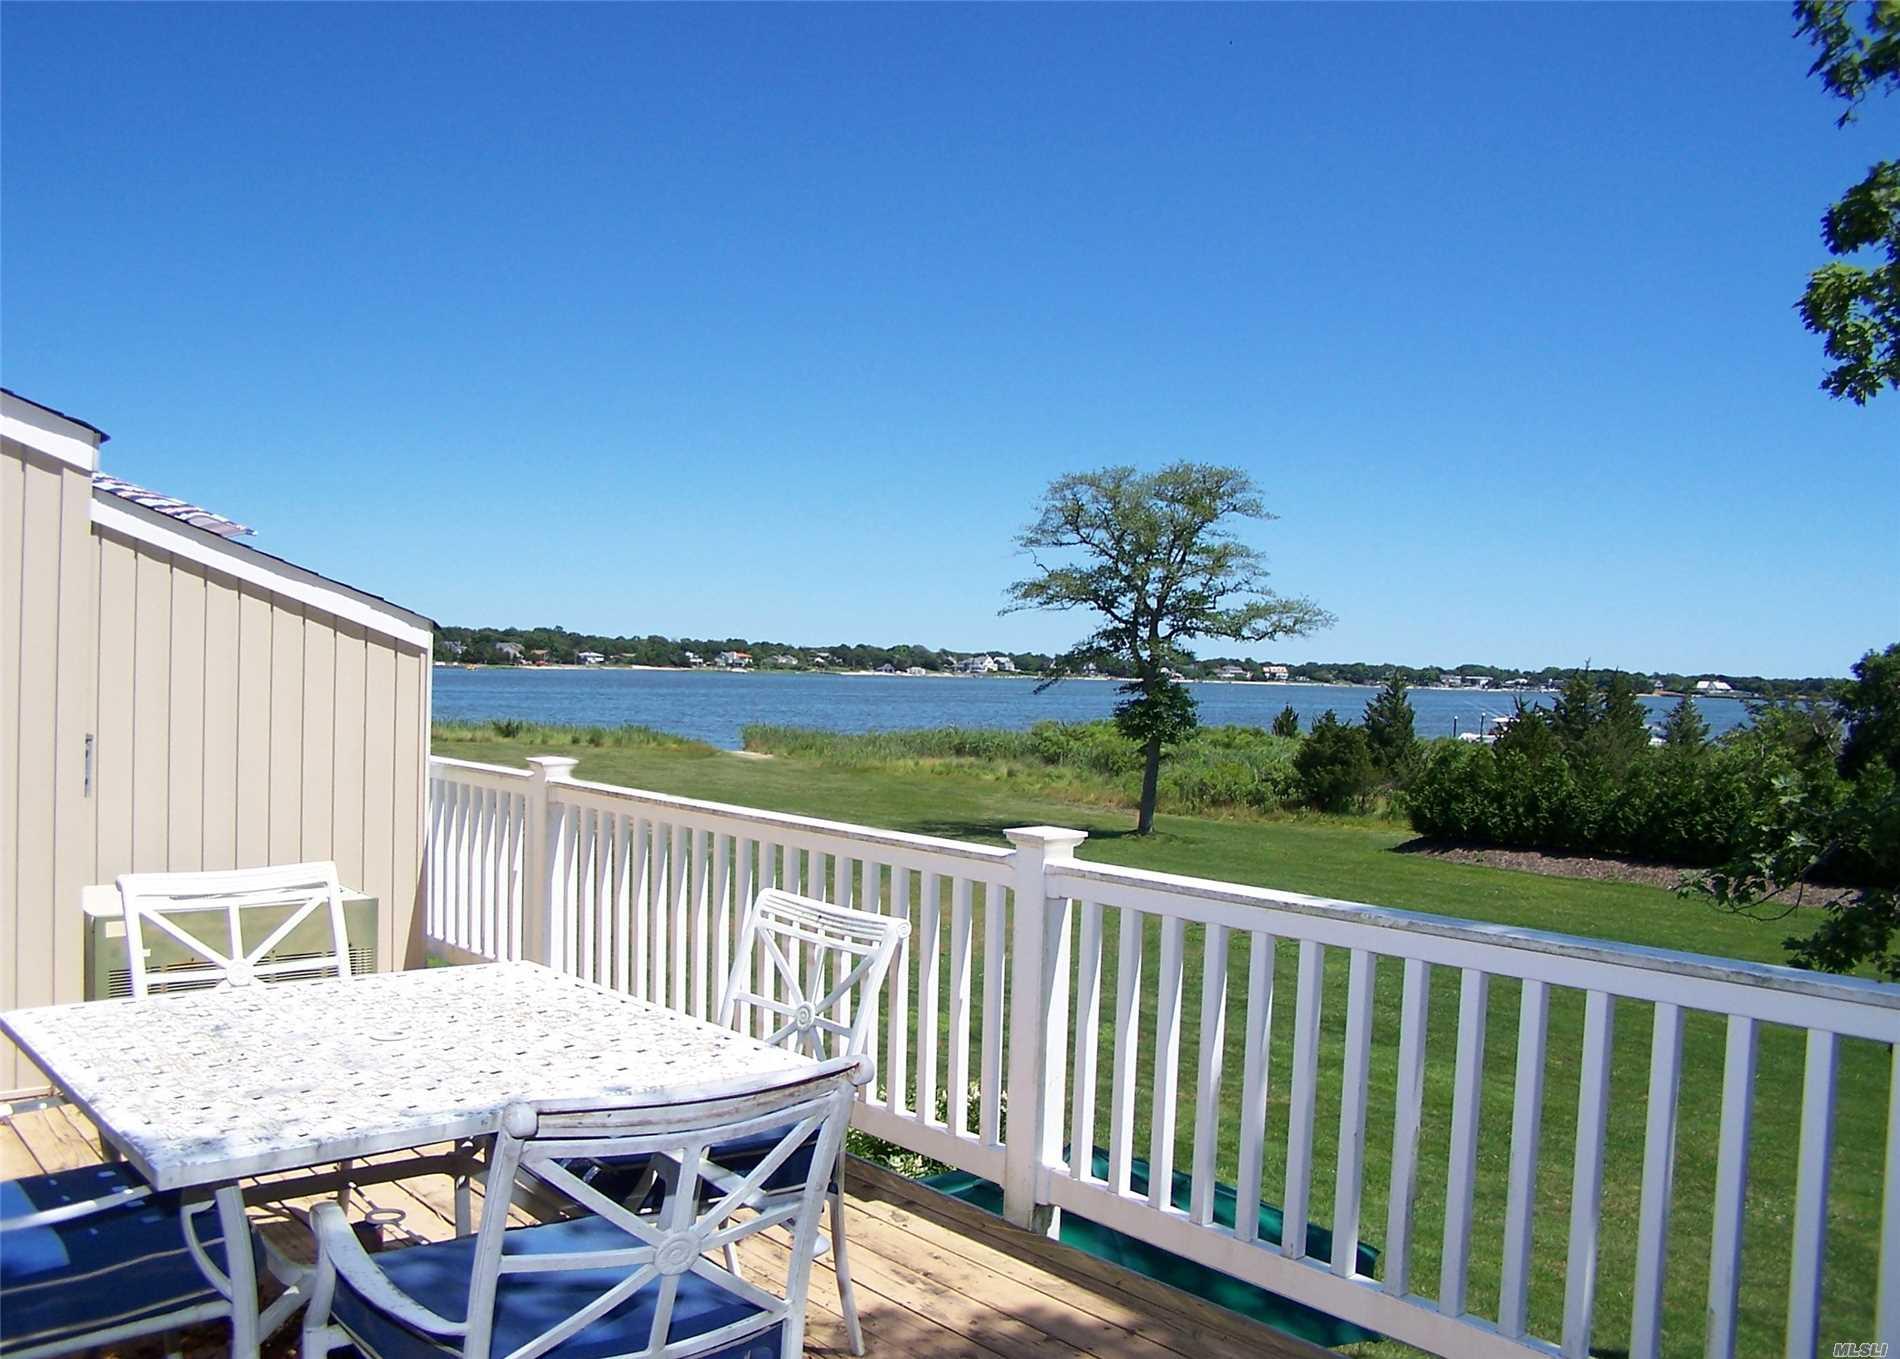 Property for sale at 61 W Tiana Rd, Hampton Bays,  NY 11946